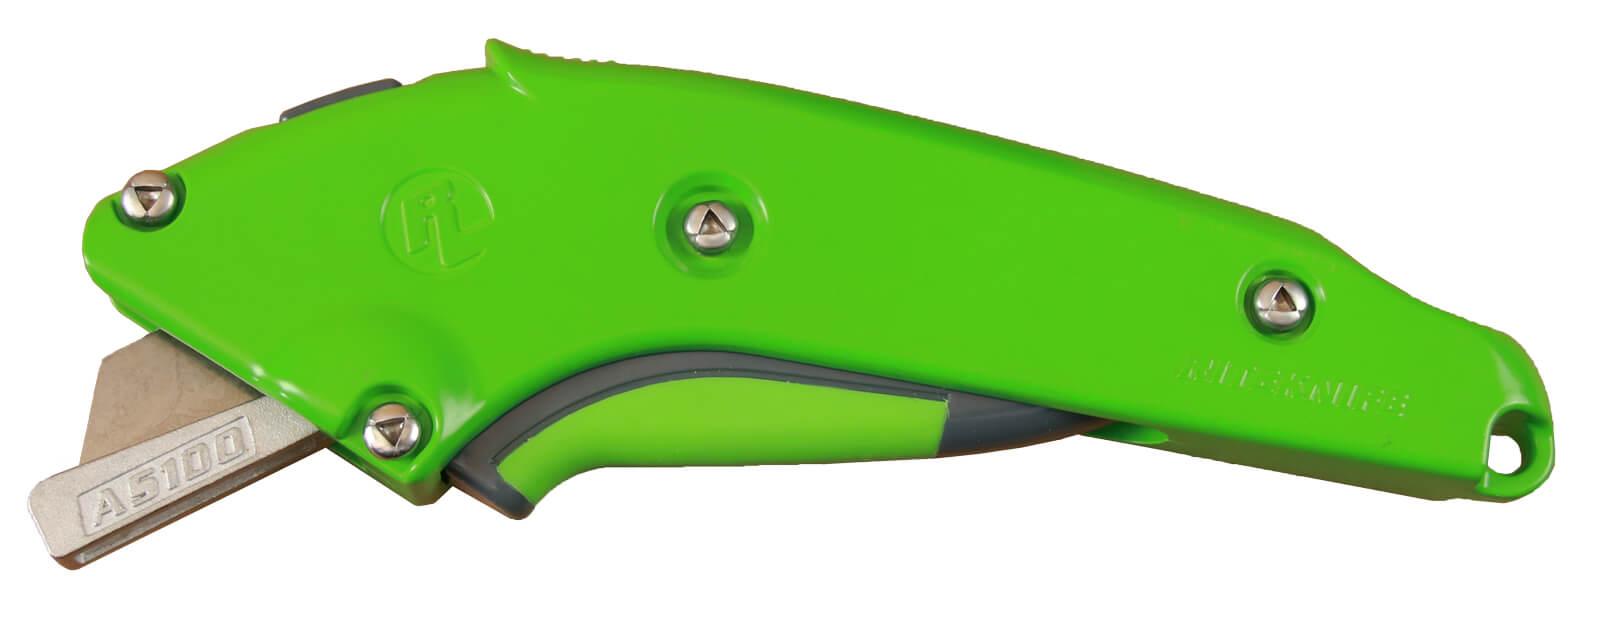 UAS100-Sicherheitsmesser-extra-sicher-Premium-vollautomatischer-Klingenschutz-CURT-tools_1600